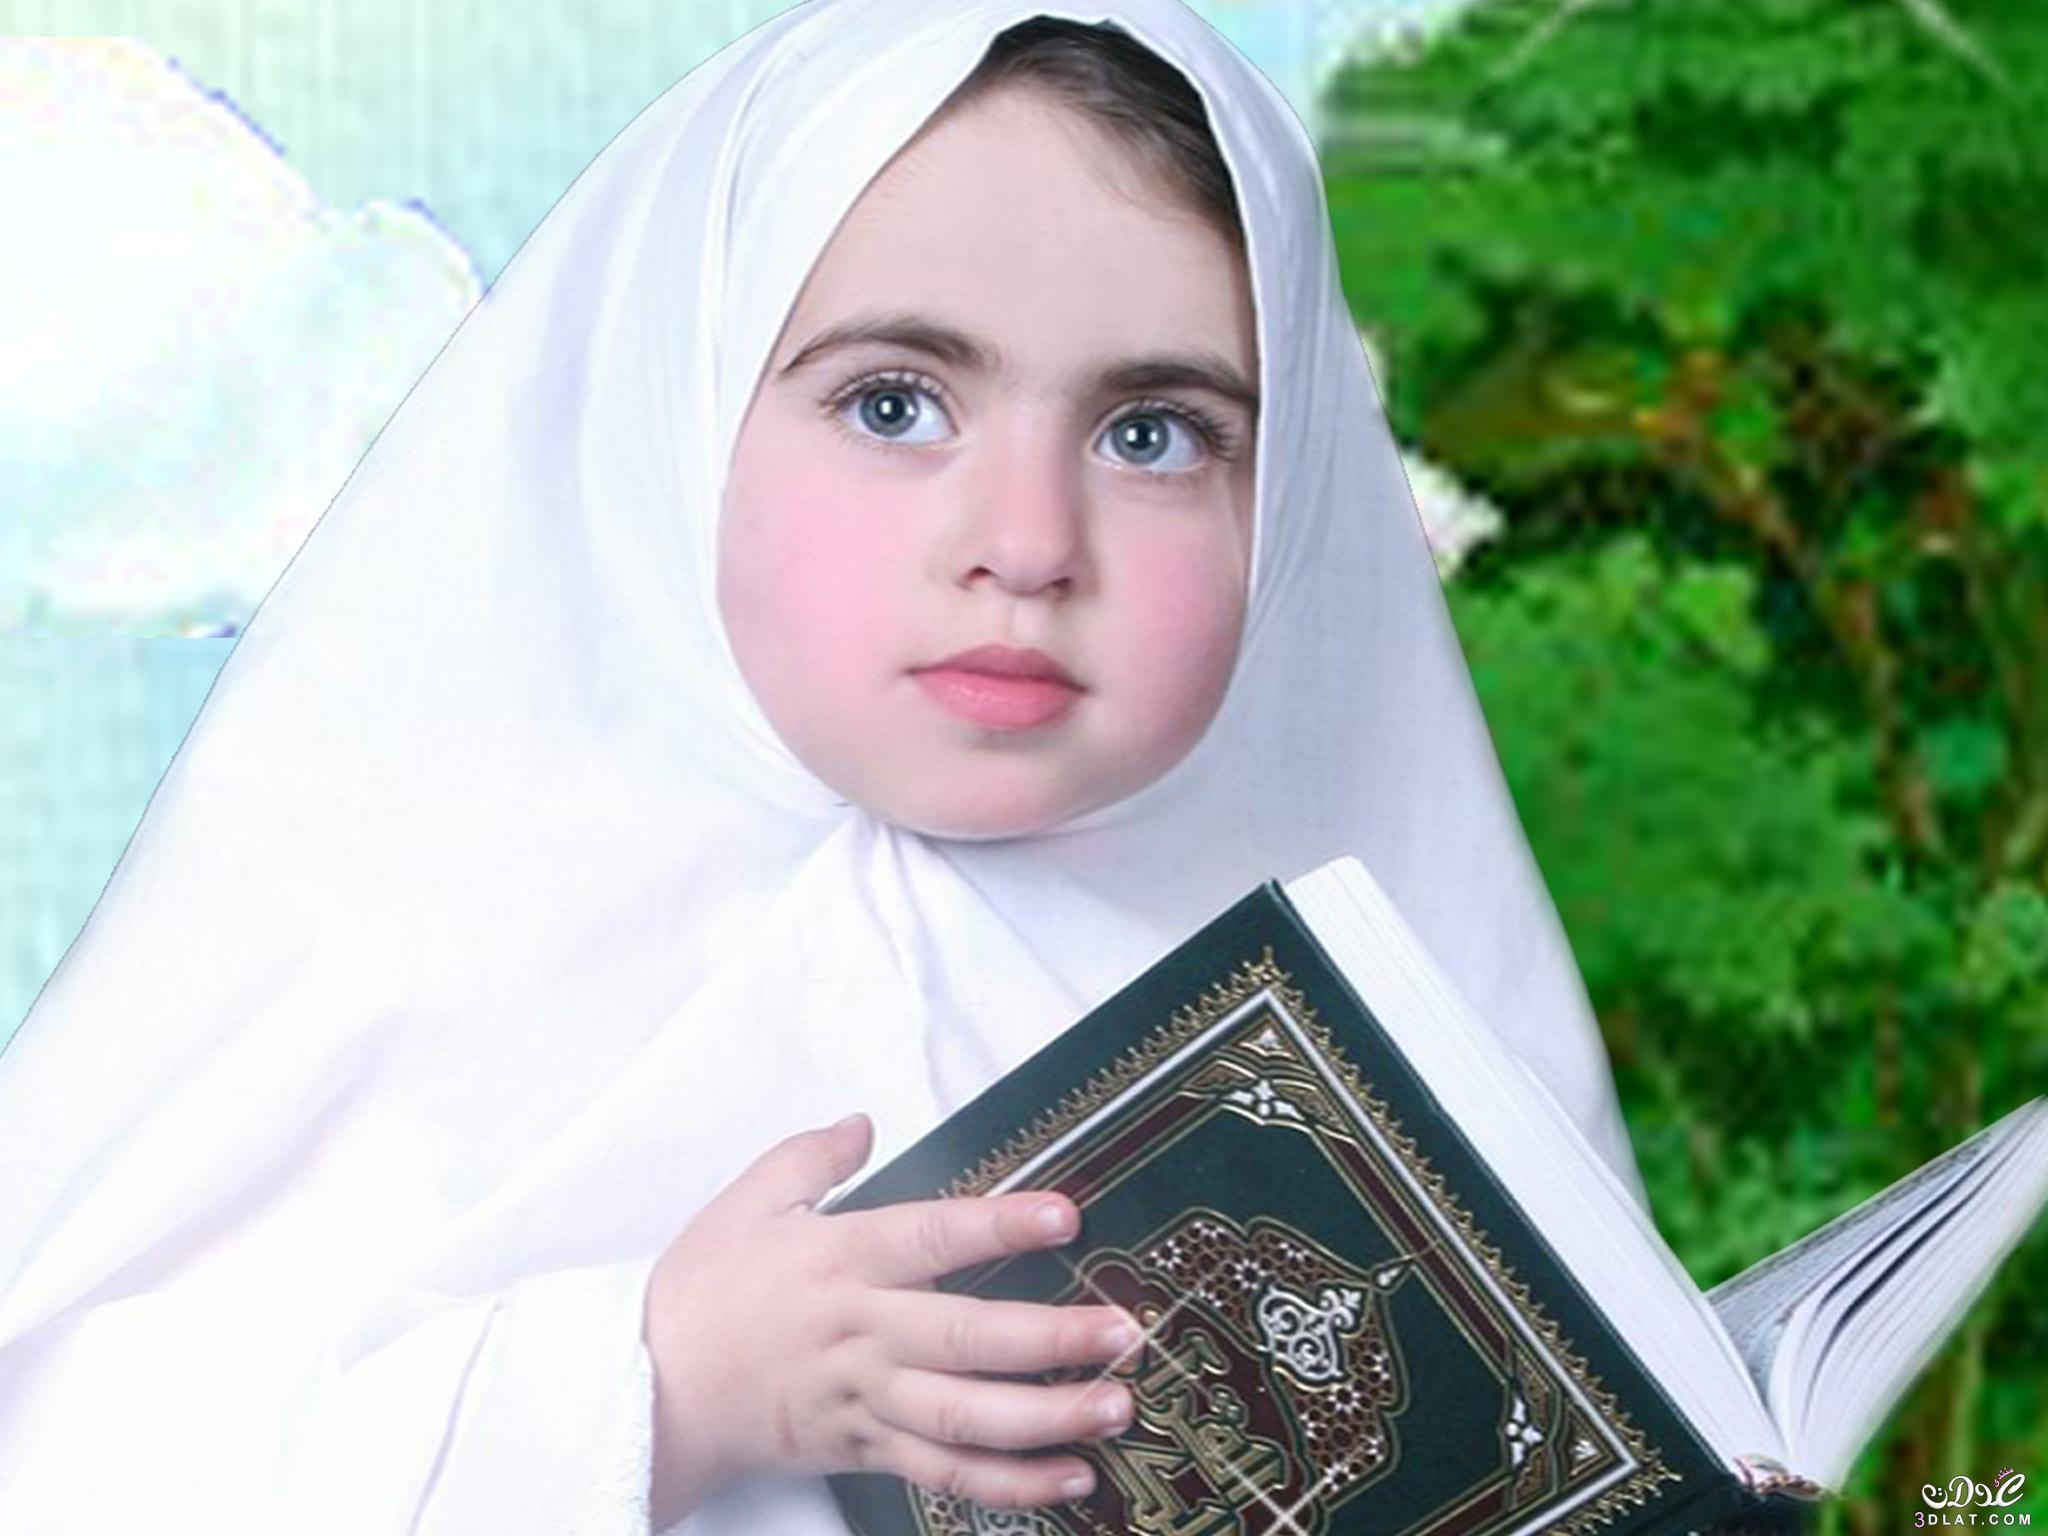 صور أطفال جميلة 2020 11